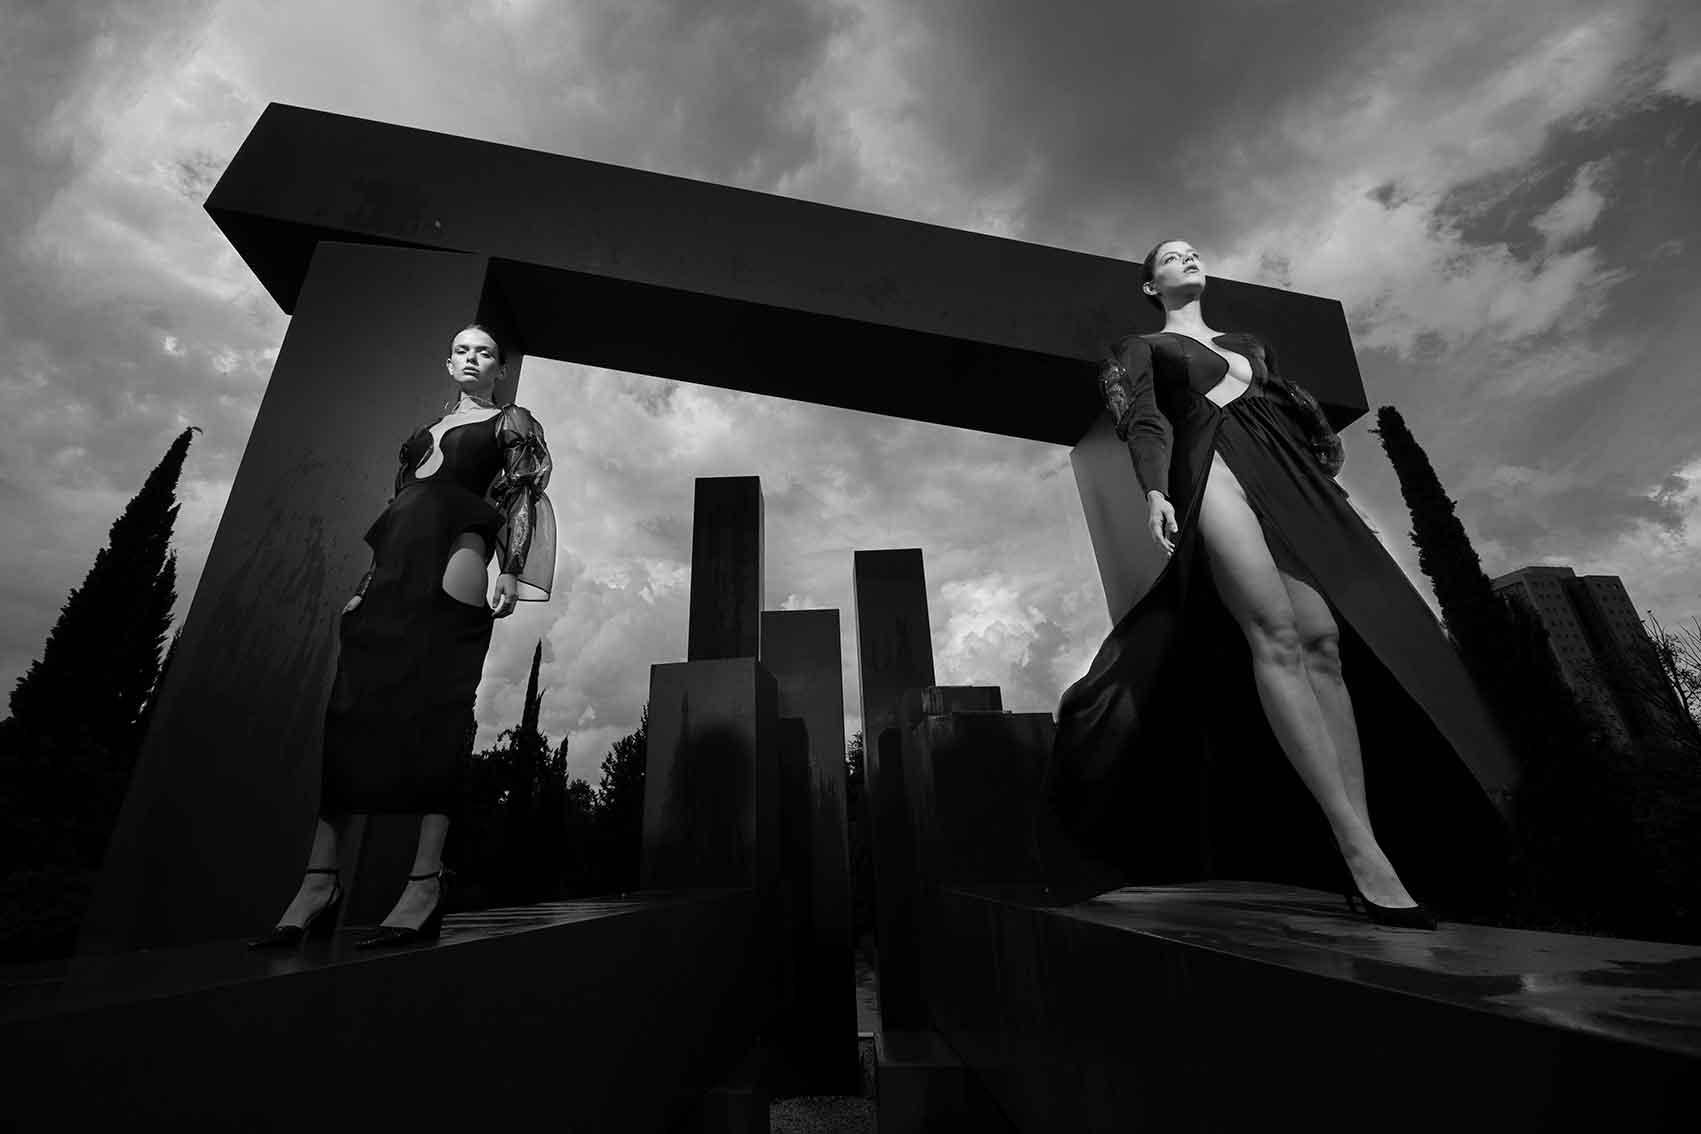 מאשה-גילדר-מגזין-אופנה-דיגיטלי